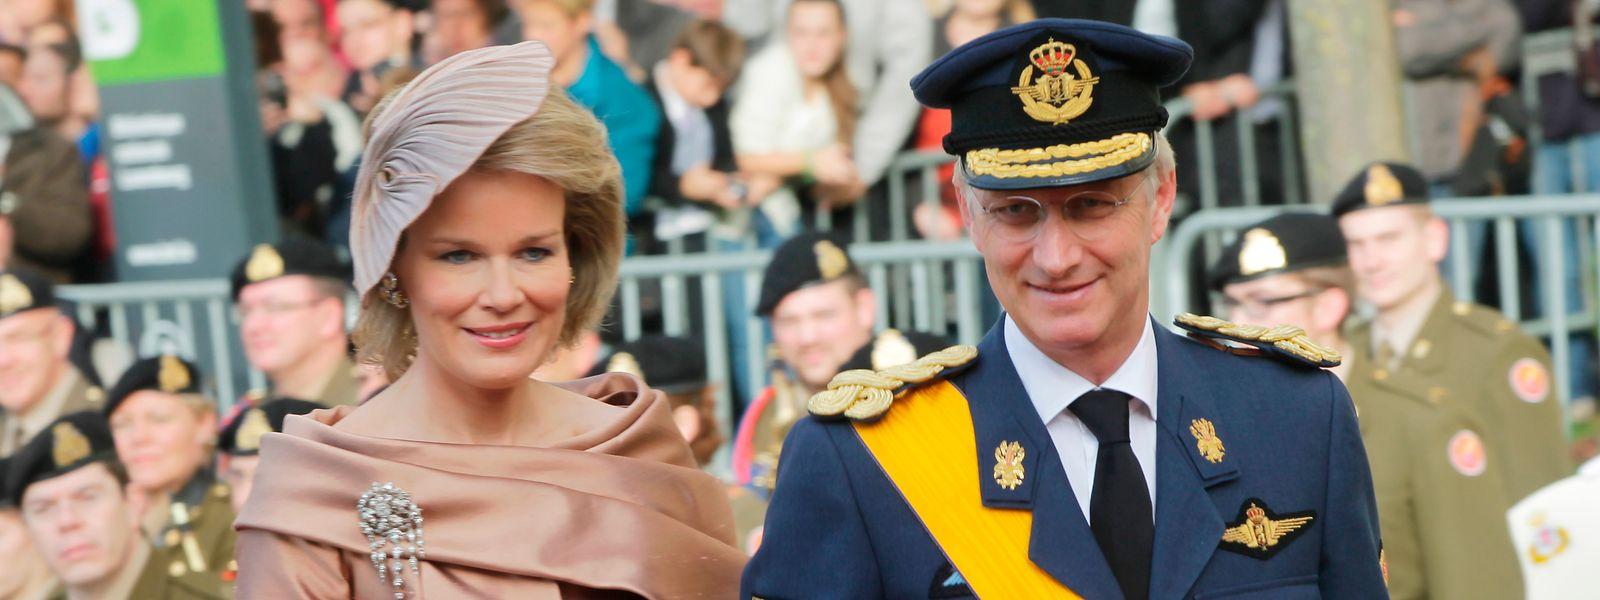 Das belgische Königspaar bei der Hochzeit von Erbgroßherzog Guillaume und Erbgroßherzogin Stéphanie, die ebenfalls aus einem belgischen Adelshaus stammt.